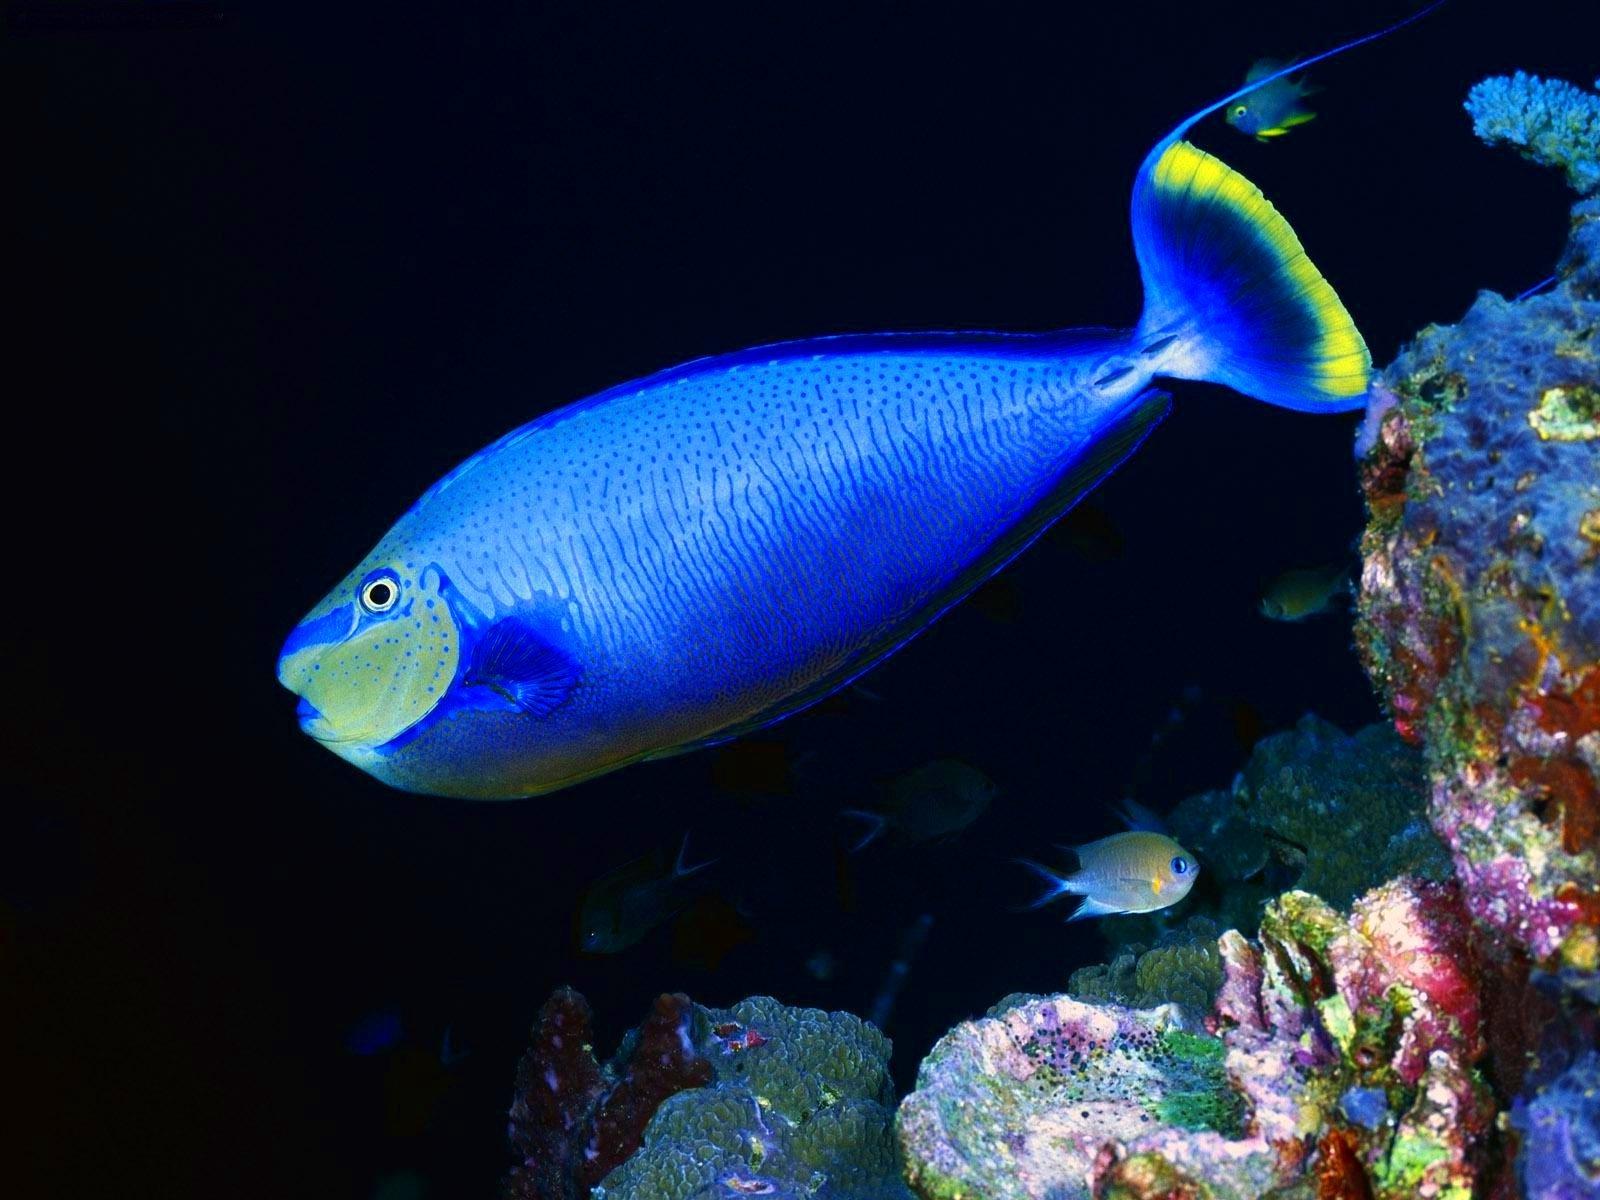 океаническая рыба названия и фото разнообразных баночек